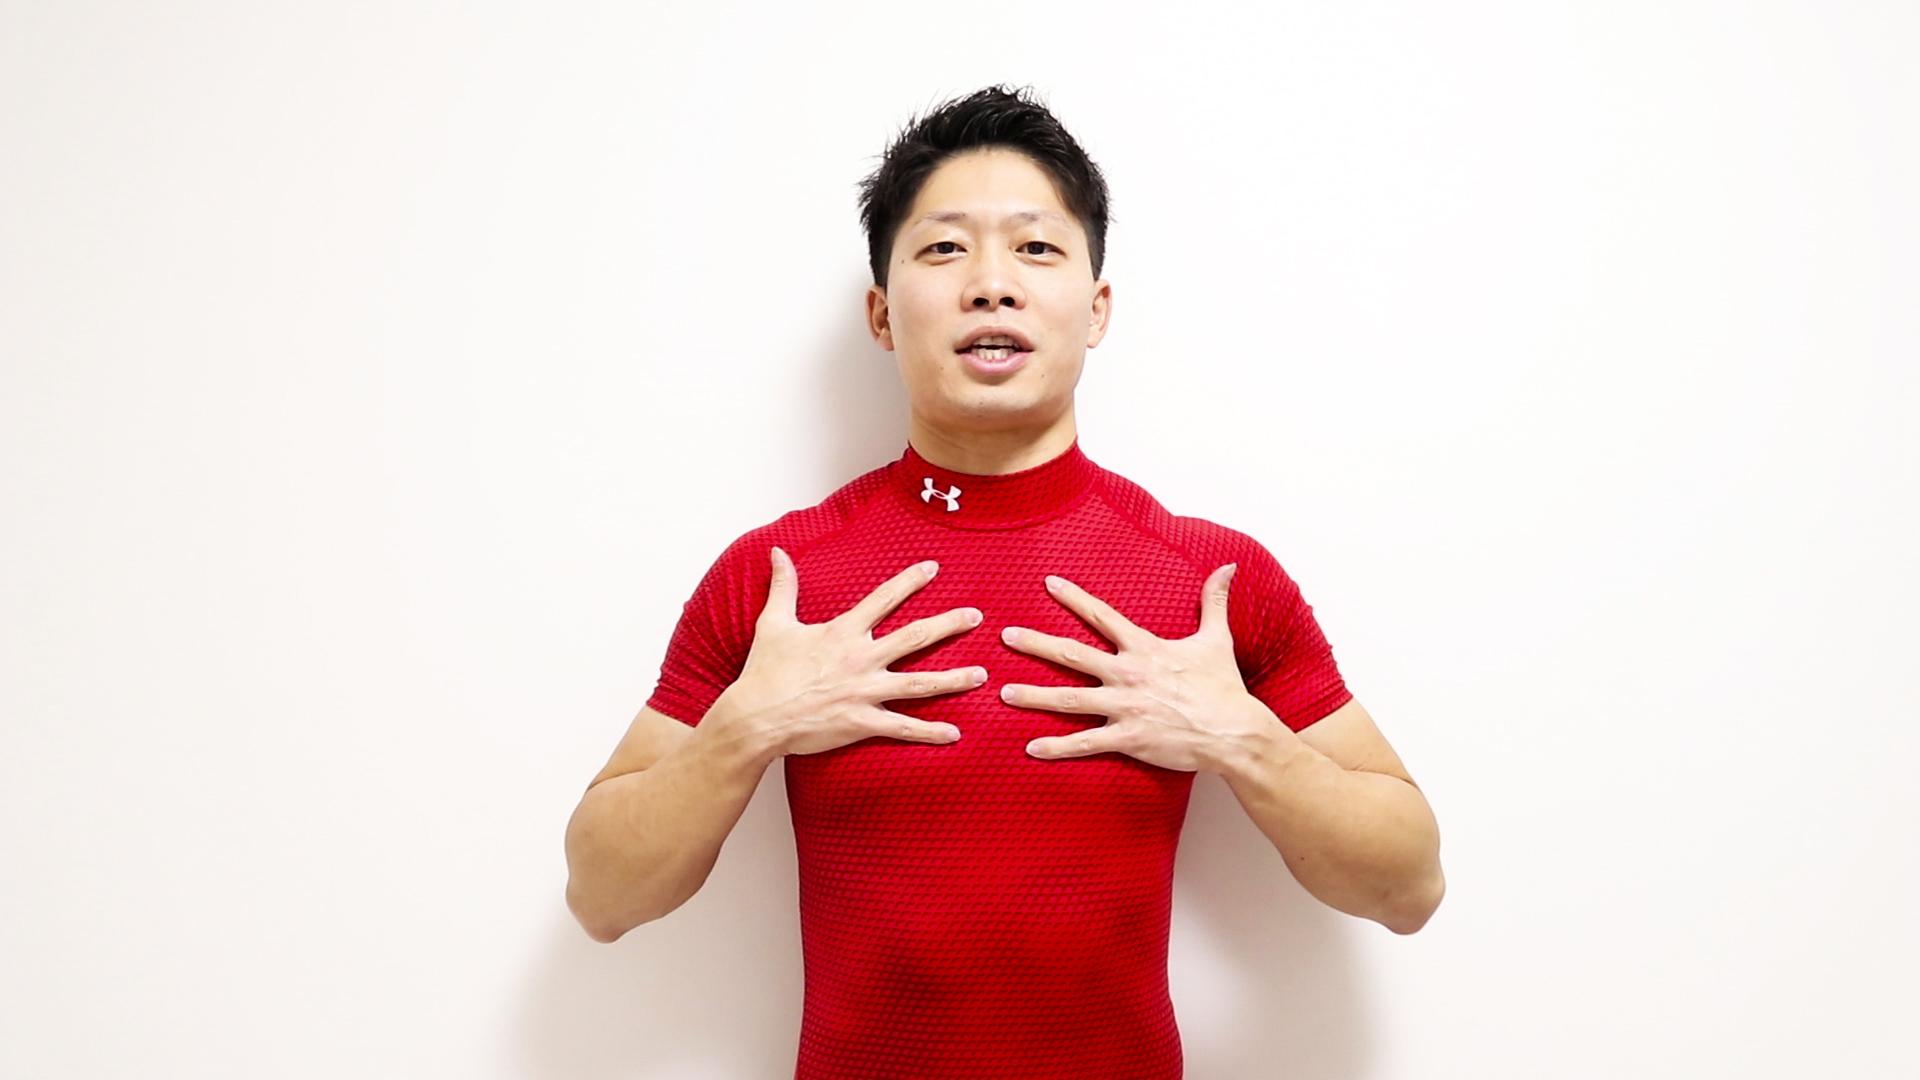 課題:筋肉痛があまりにも酷い時はどうするべきか?